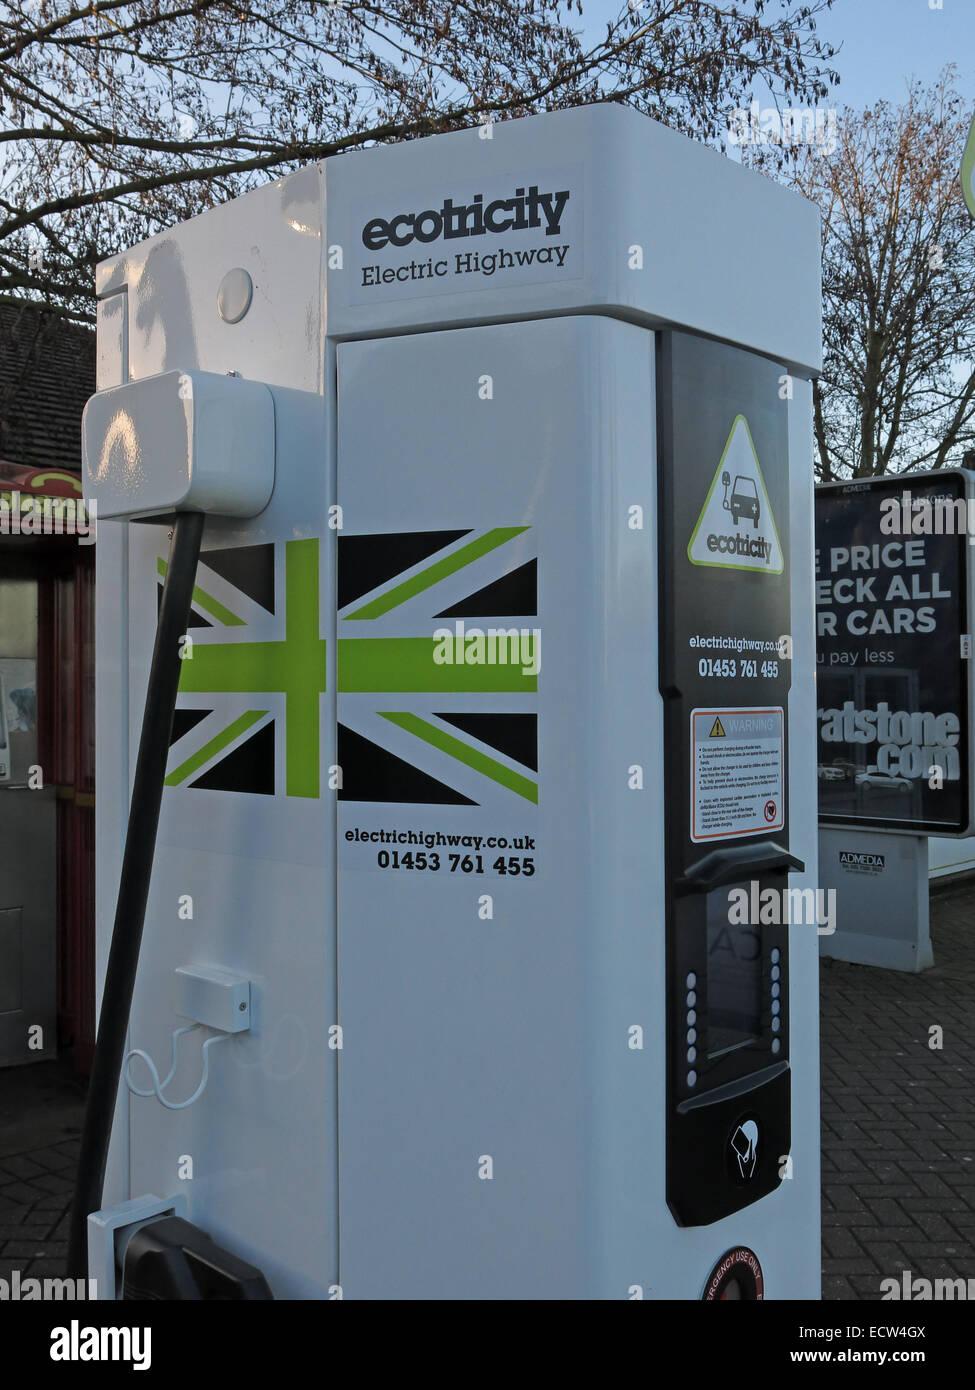 Laden Sie dieses Alamy Stockfoto Ecotricity Elektroauto Ladestation Warwick Dienstleistungen M40, Warwickshire, England UK - ECW4GX